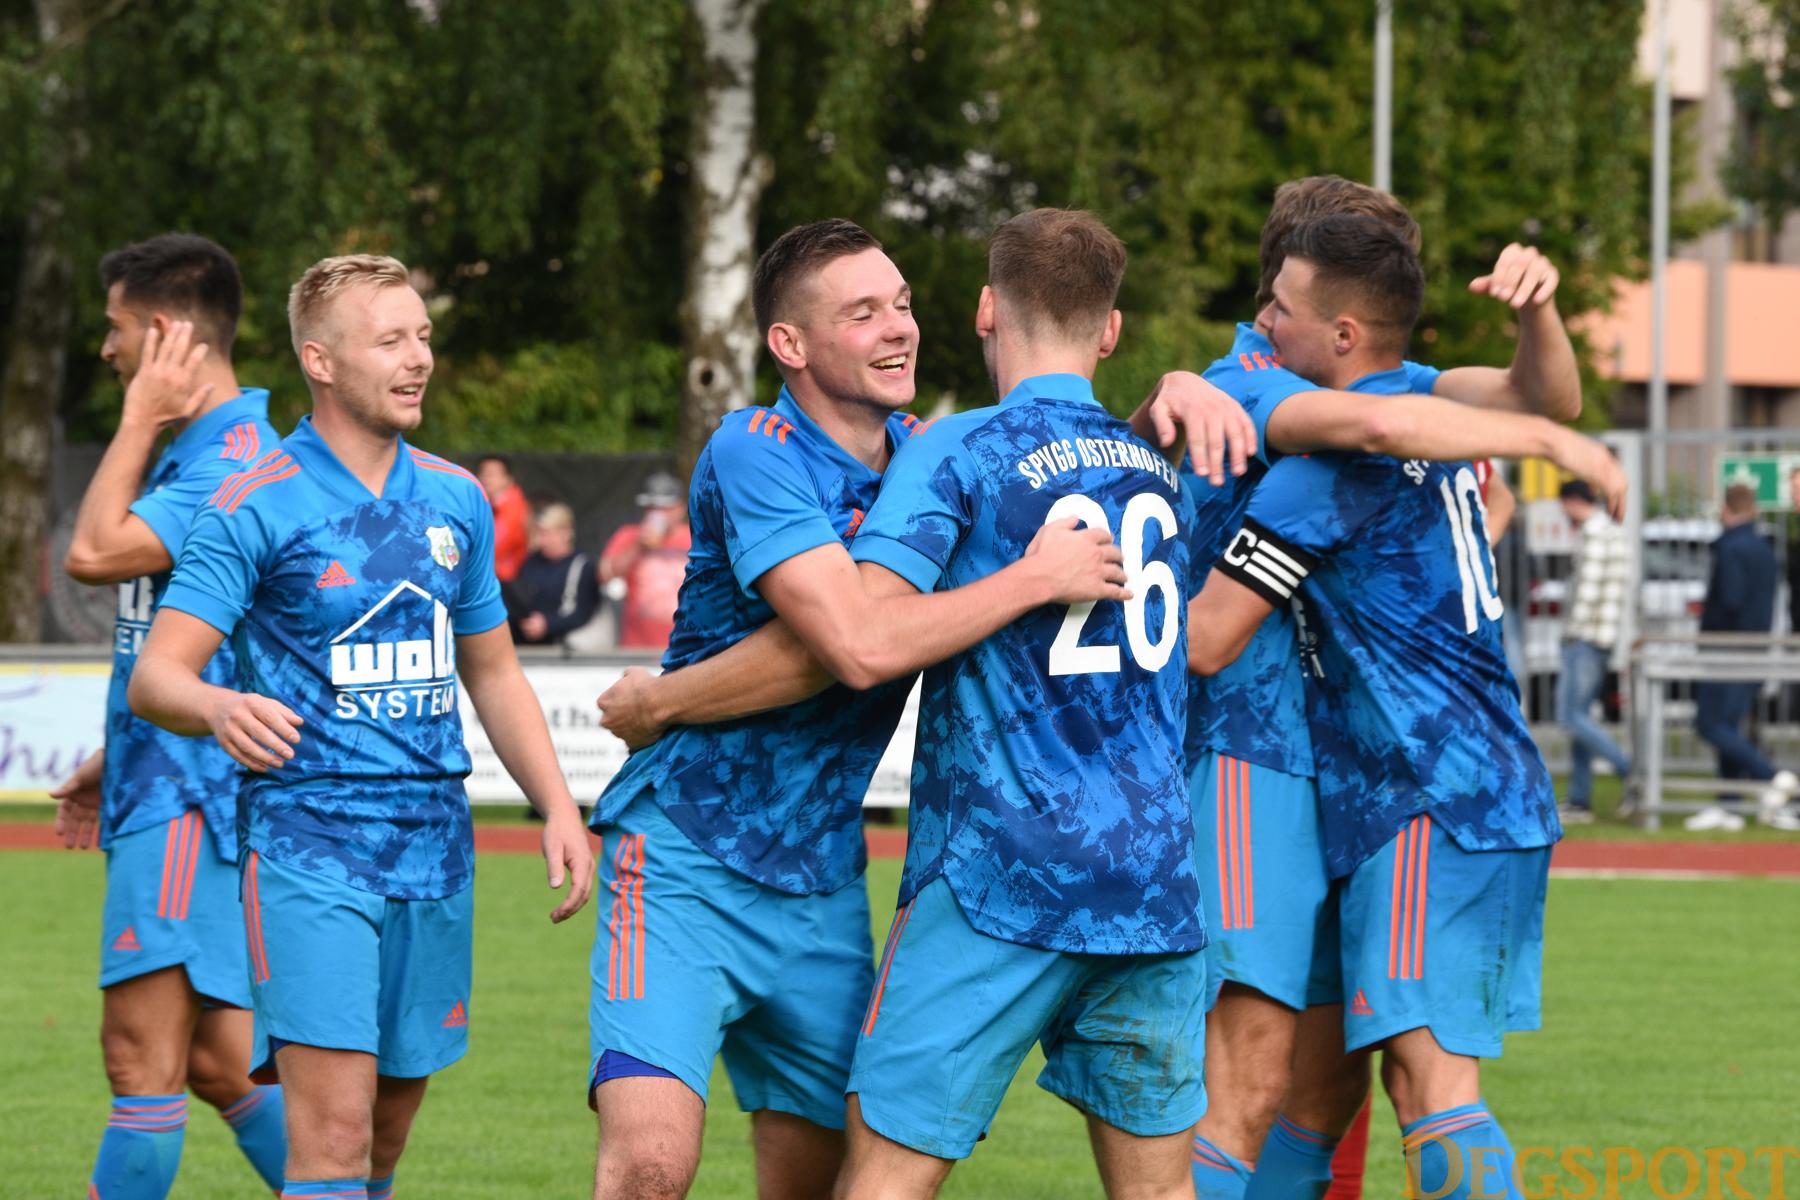 Die Spvgg Osterhofen gewinnt das Derby gegen Seebach